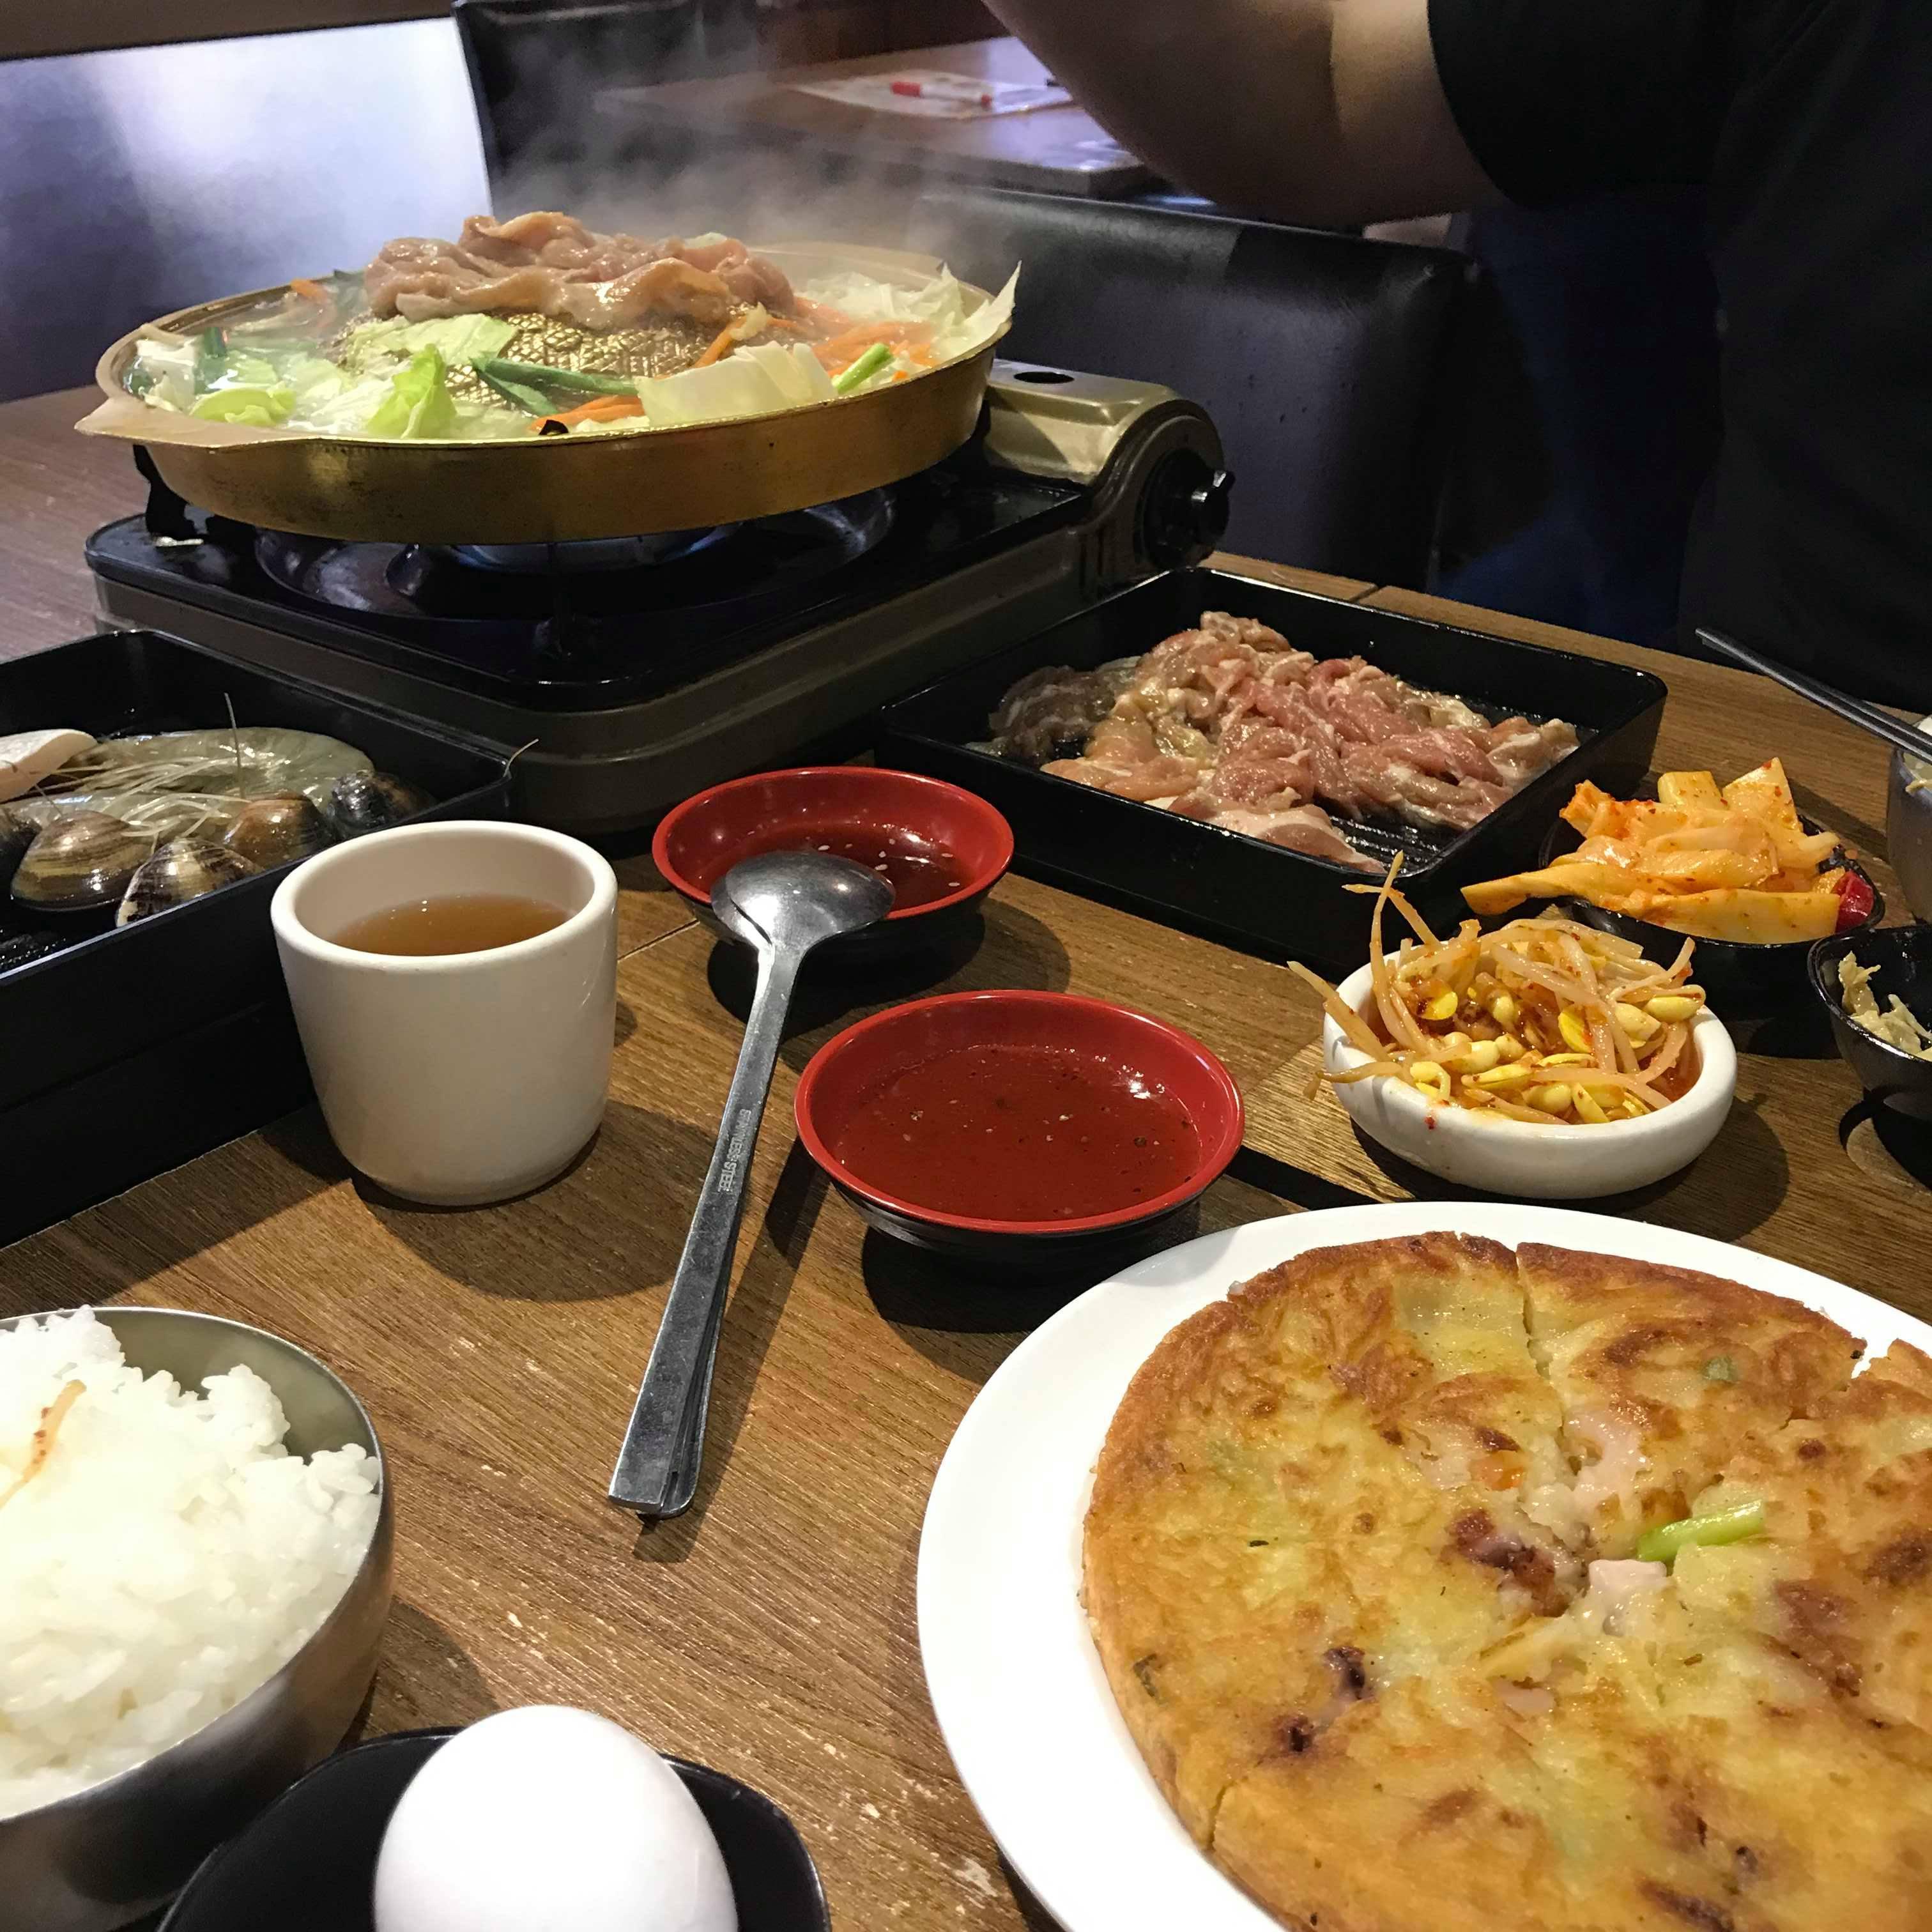 【食記】新莊平價韓式料理|朝鮮味|小菜無限吃到飽|吃粗飽好選擇